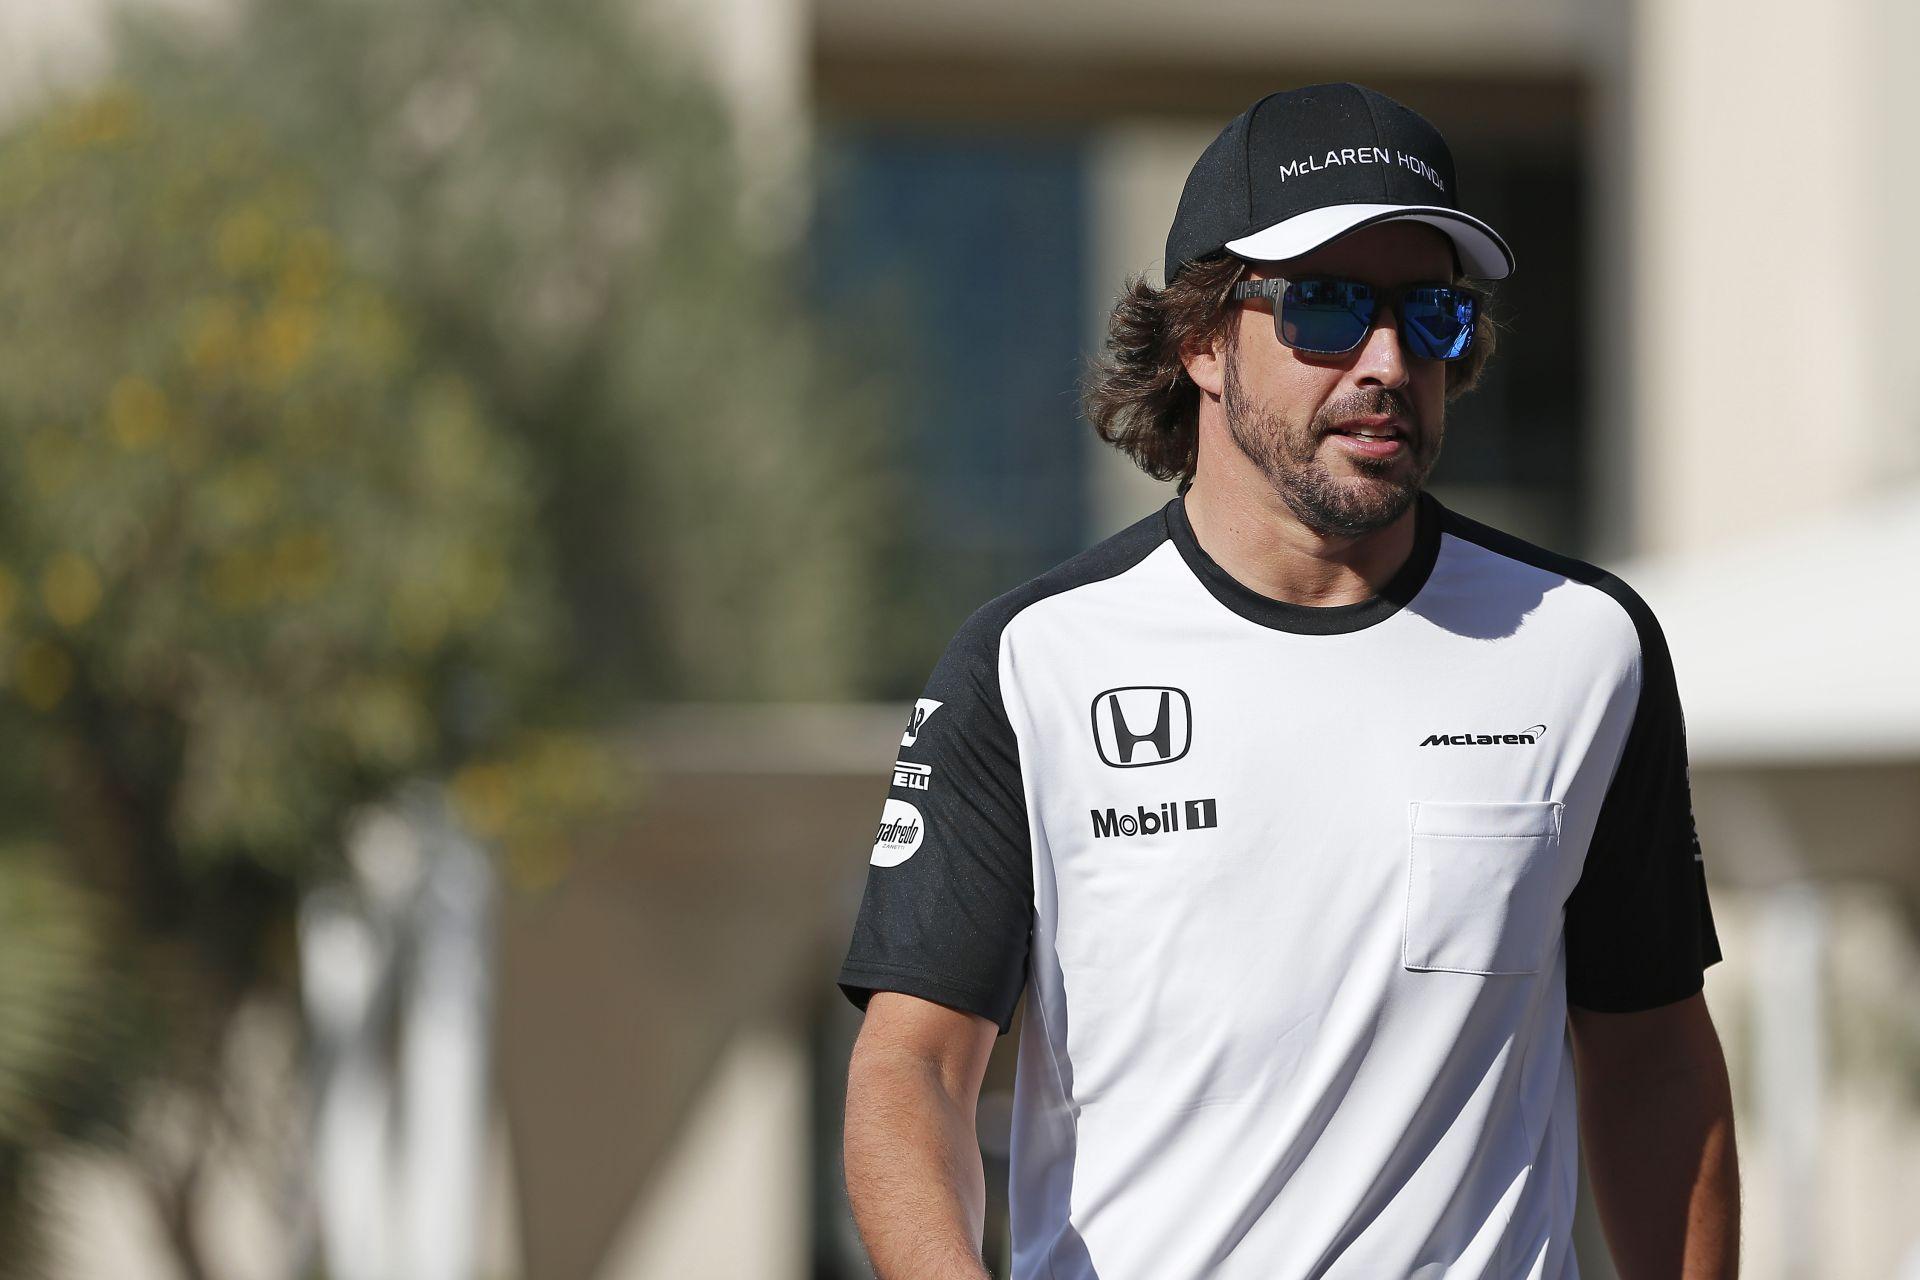 Alonso nagyon motivált és szerinte a McLaren is